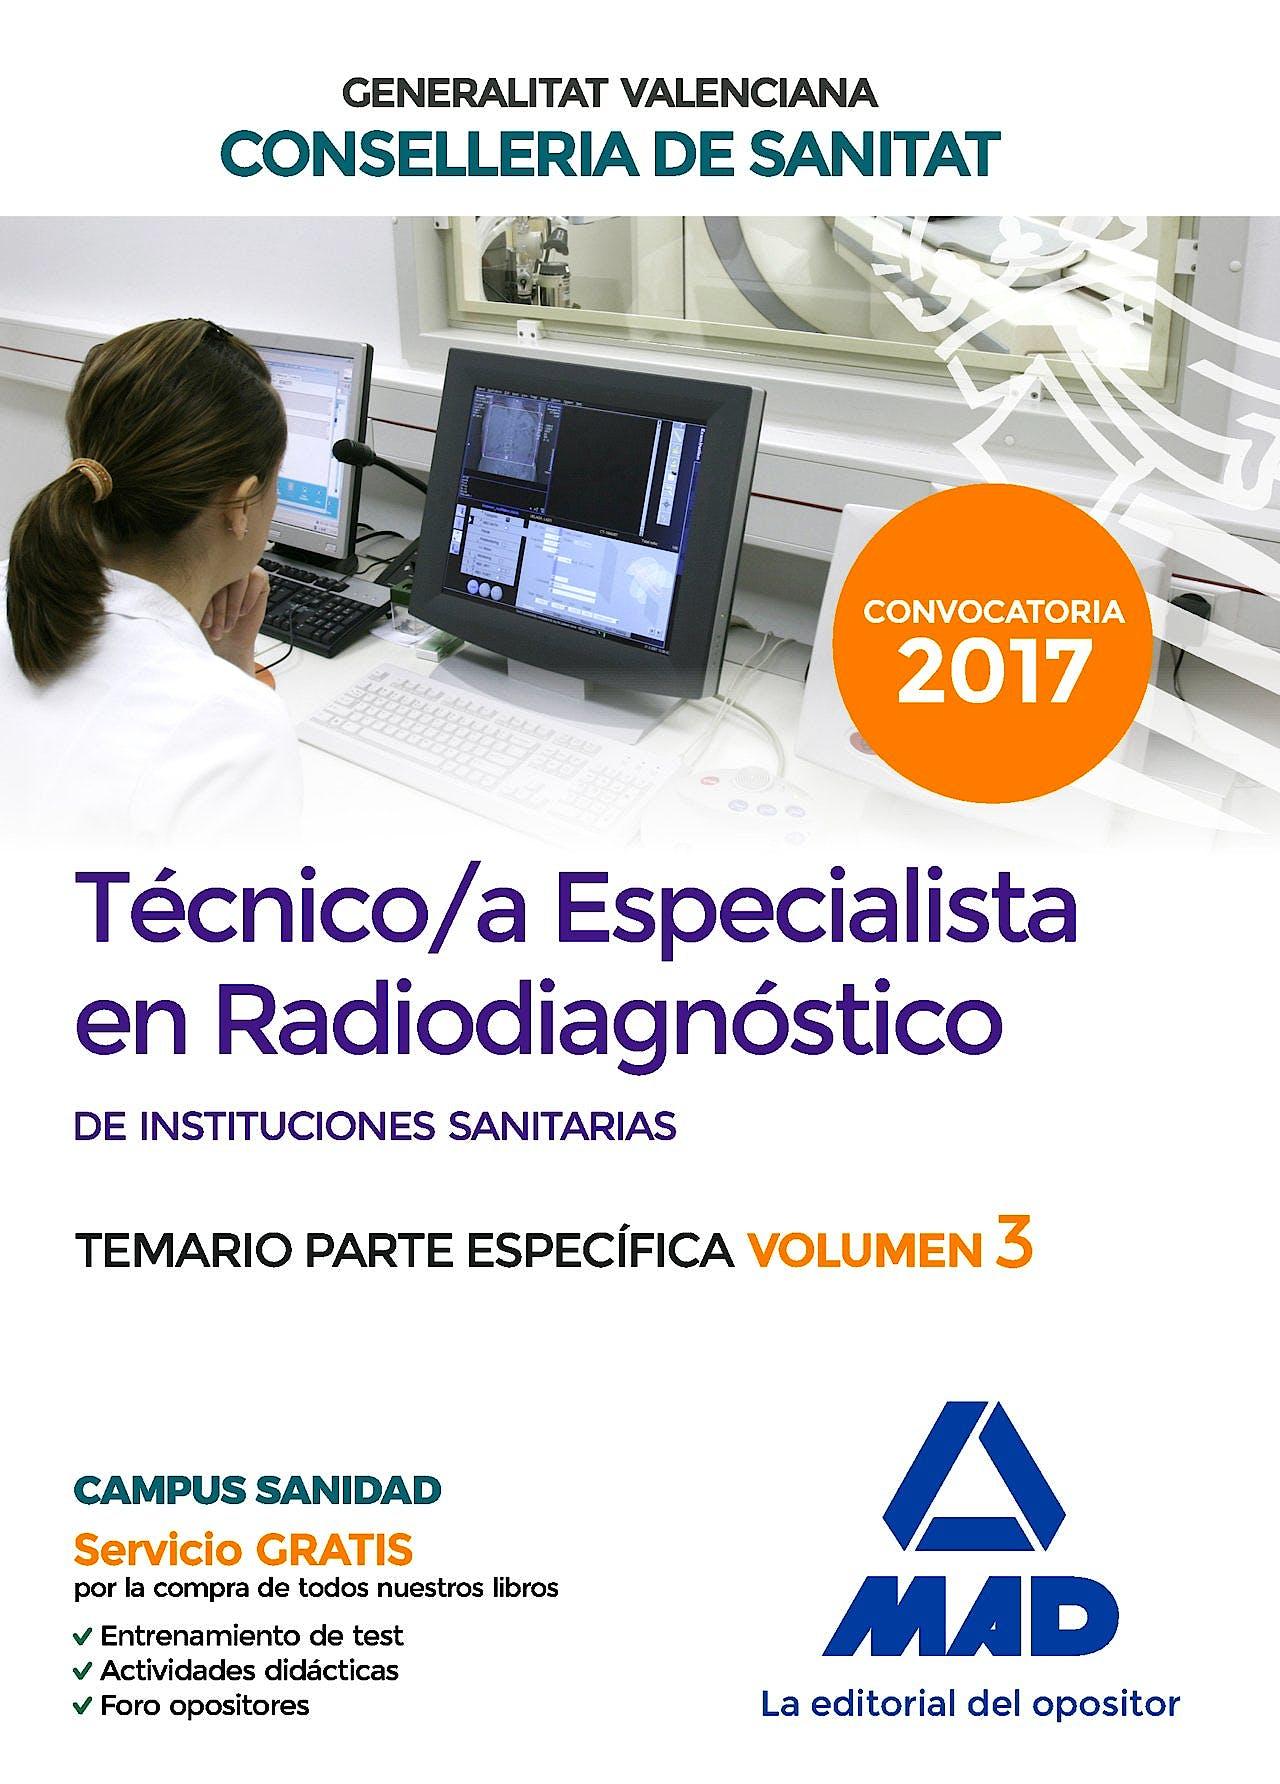 Portada del libro 9788414208458 Técnico/a Especialista en Radiodiagnóstico de Instituciones Sanitarias Generalitat Valenciana Conselleria de Sanitat, Temario Parte Específica, Vol. 3